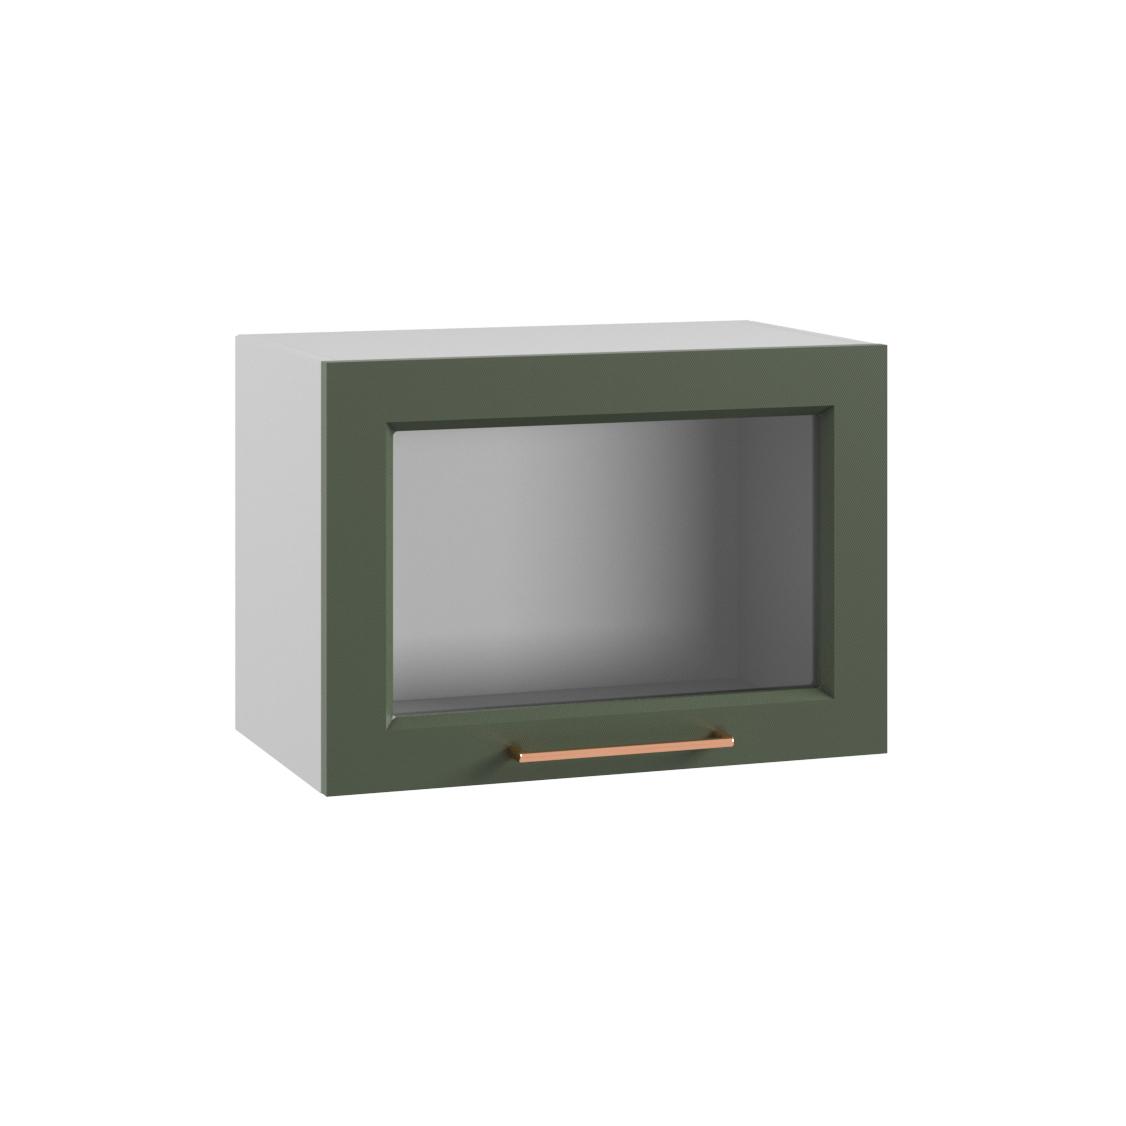 Кухня Квадро ПГС 500 Шкаф верхний горизонтальный стекло